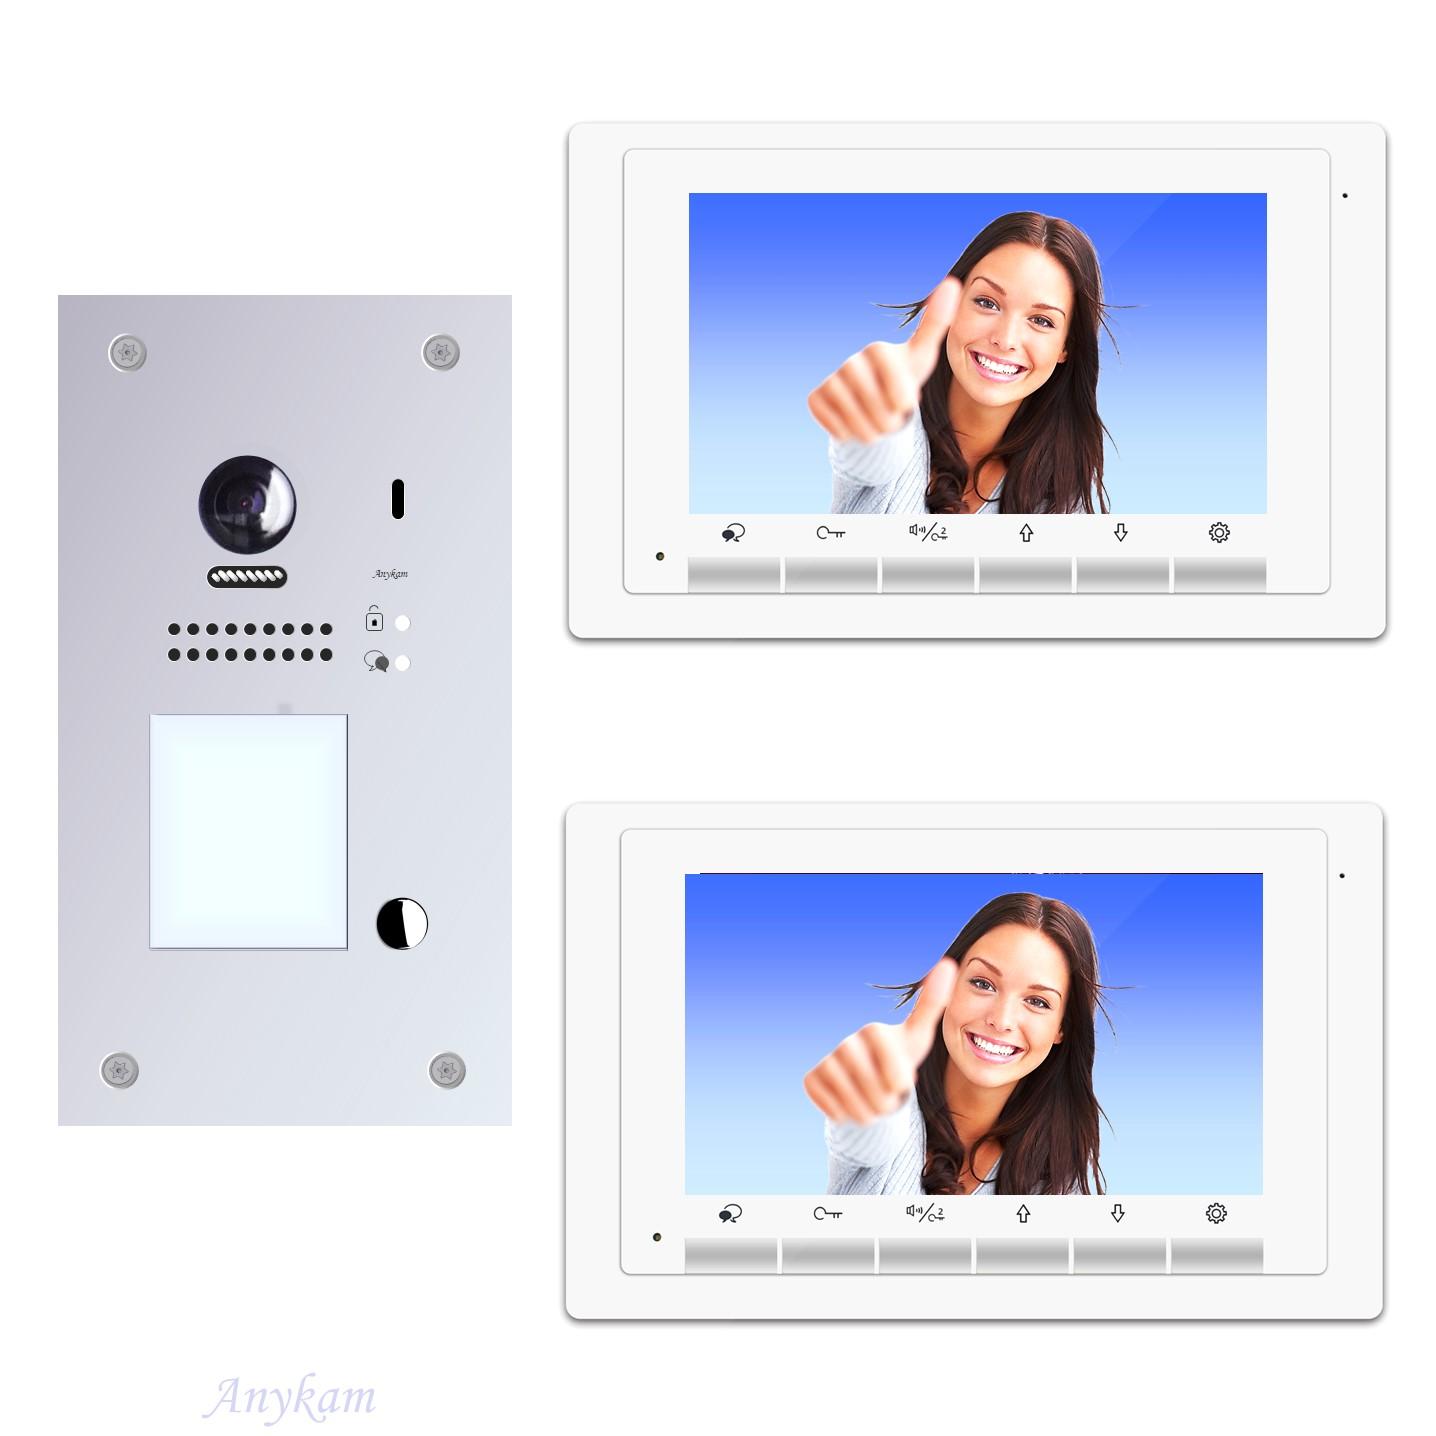 Anykam Design Farb Video Türsprechanlage, Videosprechanlage, Video Gegensprechanlage, Klingelanalge mit Kamera, Interfon mit 2-Draht Technik